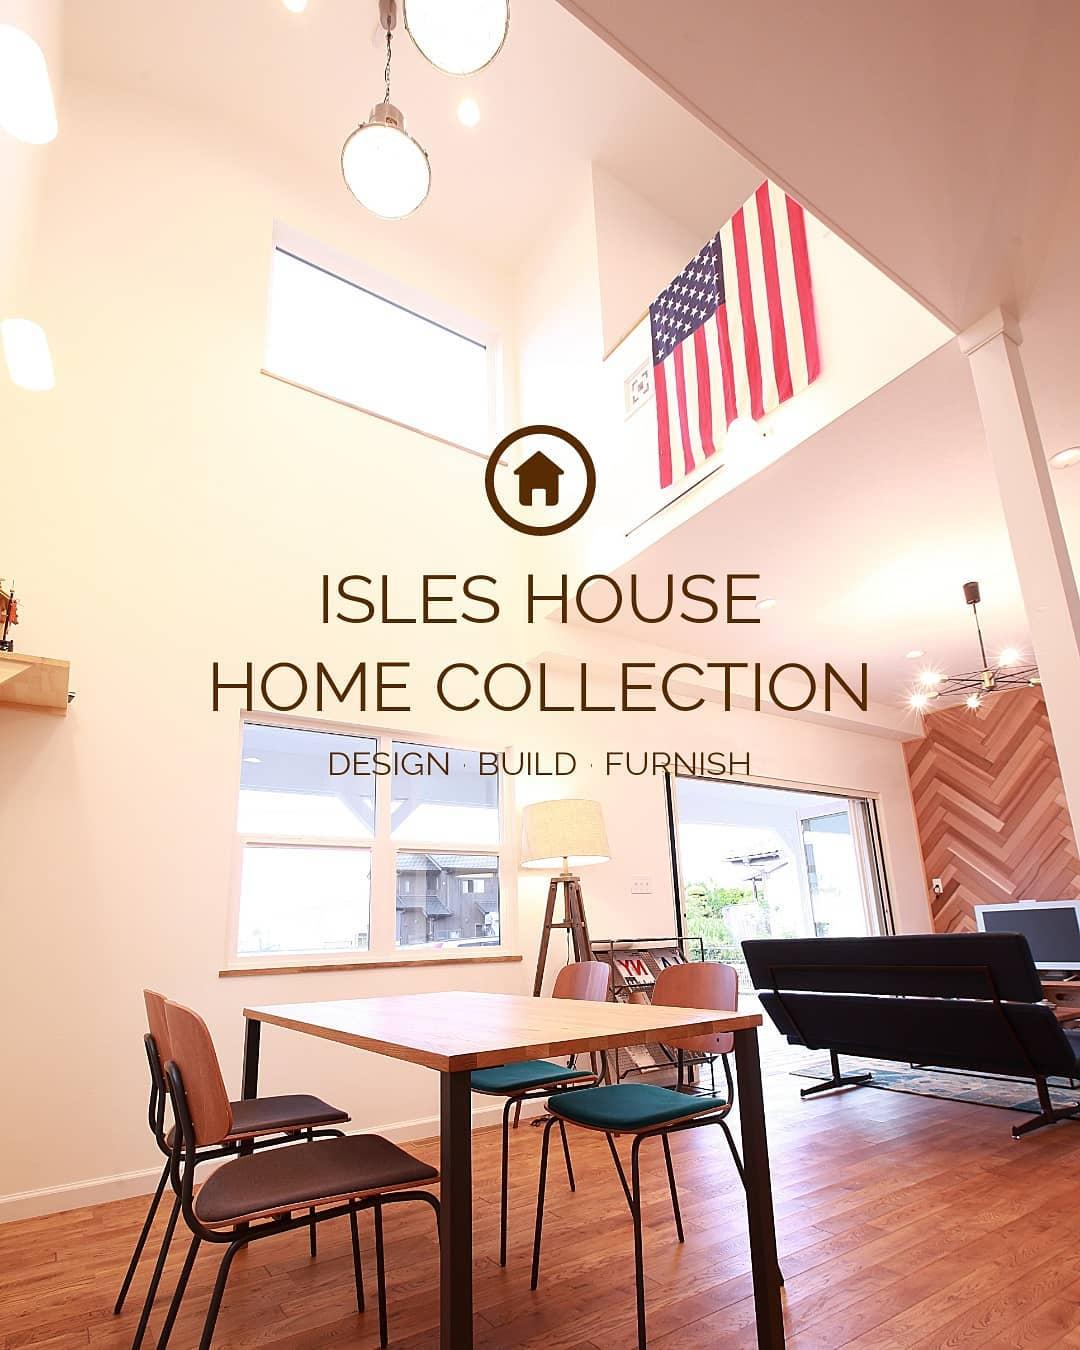 天井が高いリビングはリラックスした家時間を過ごせます。家で愉しむ幸せを! #アイルズハウス施工例 #吹き抜け